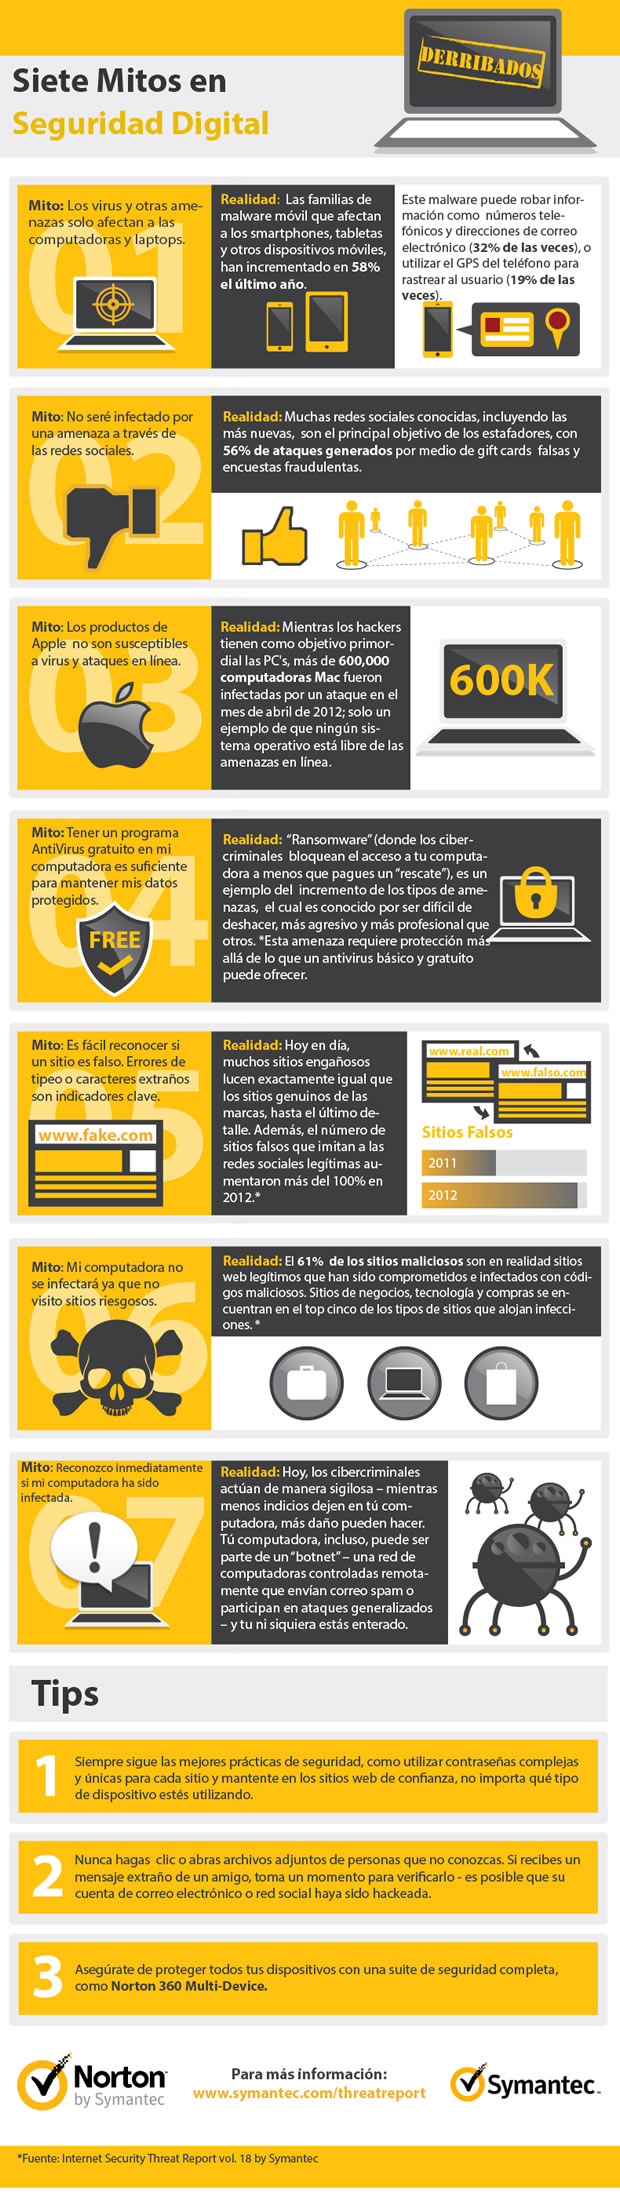 mitos-de-la-seguridad-digital